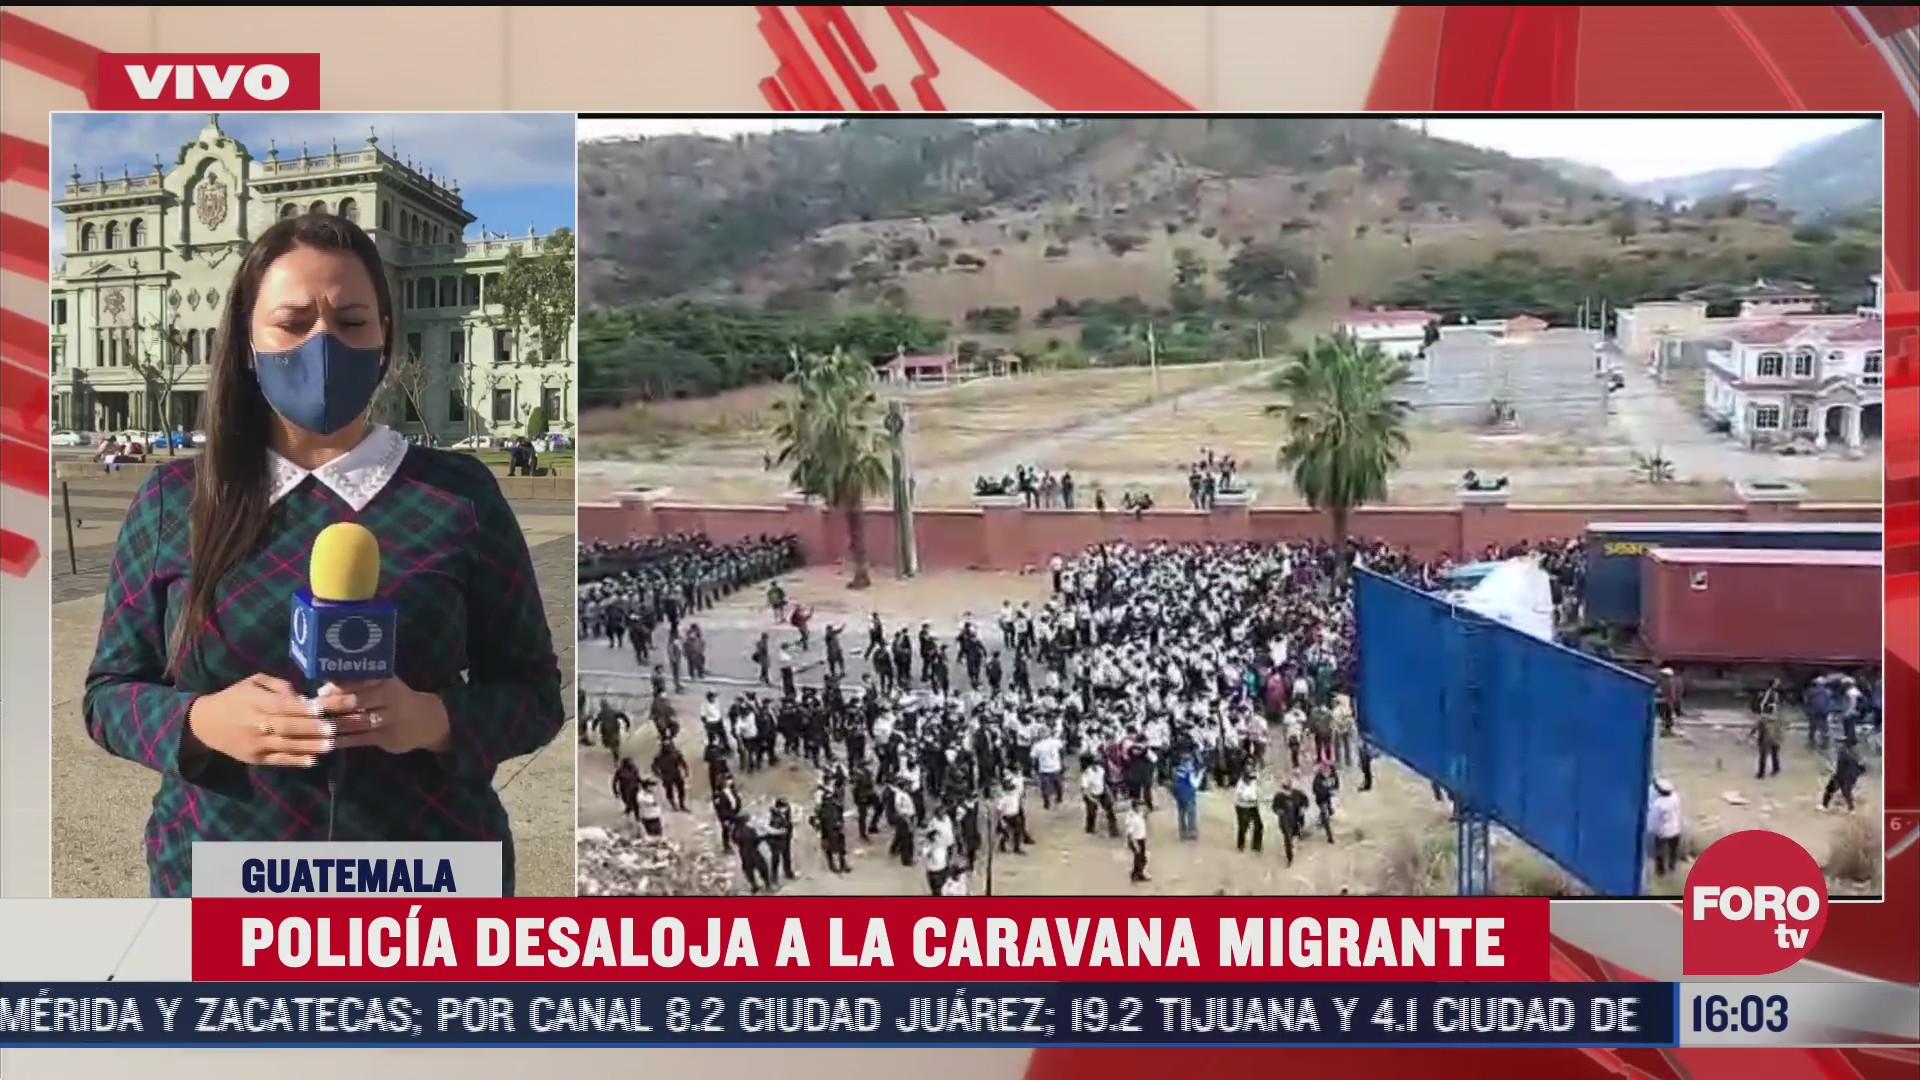 policia de guatemala continua redoblando esfuerzos para desalojar caravana migrante